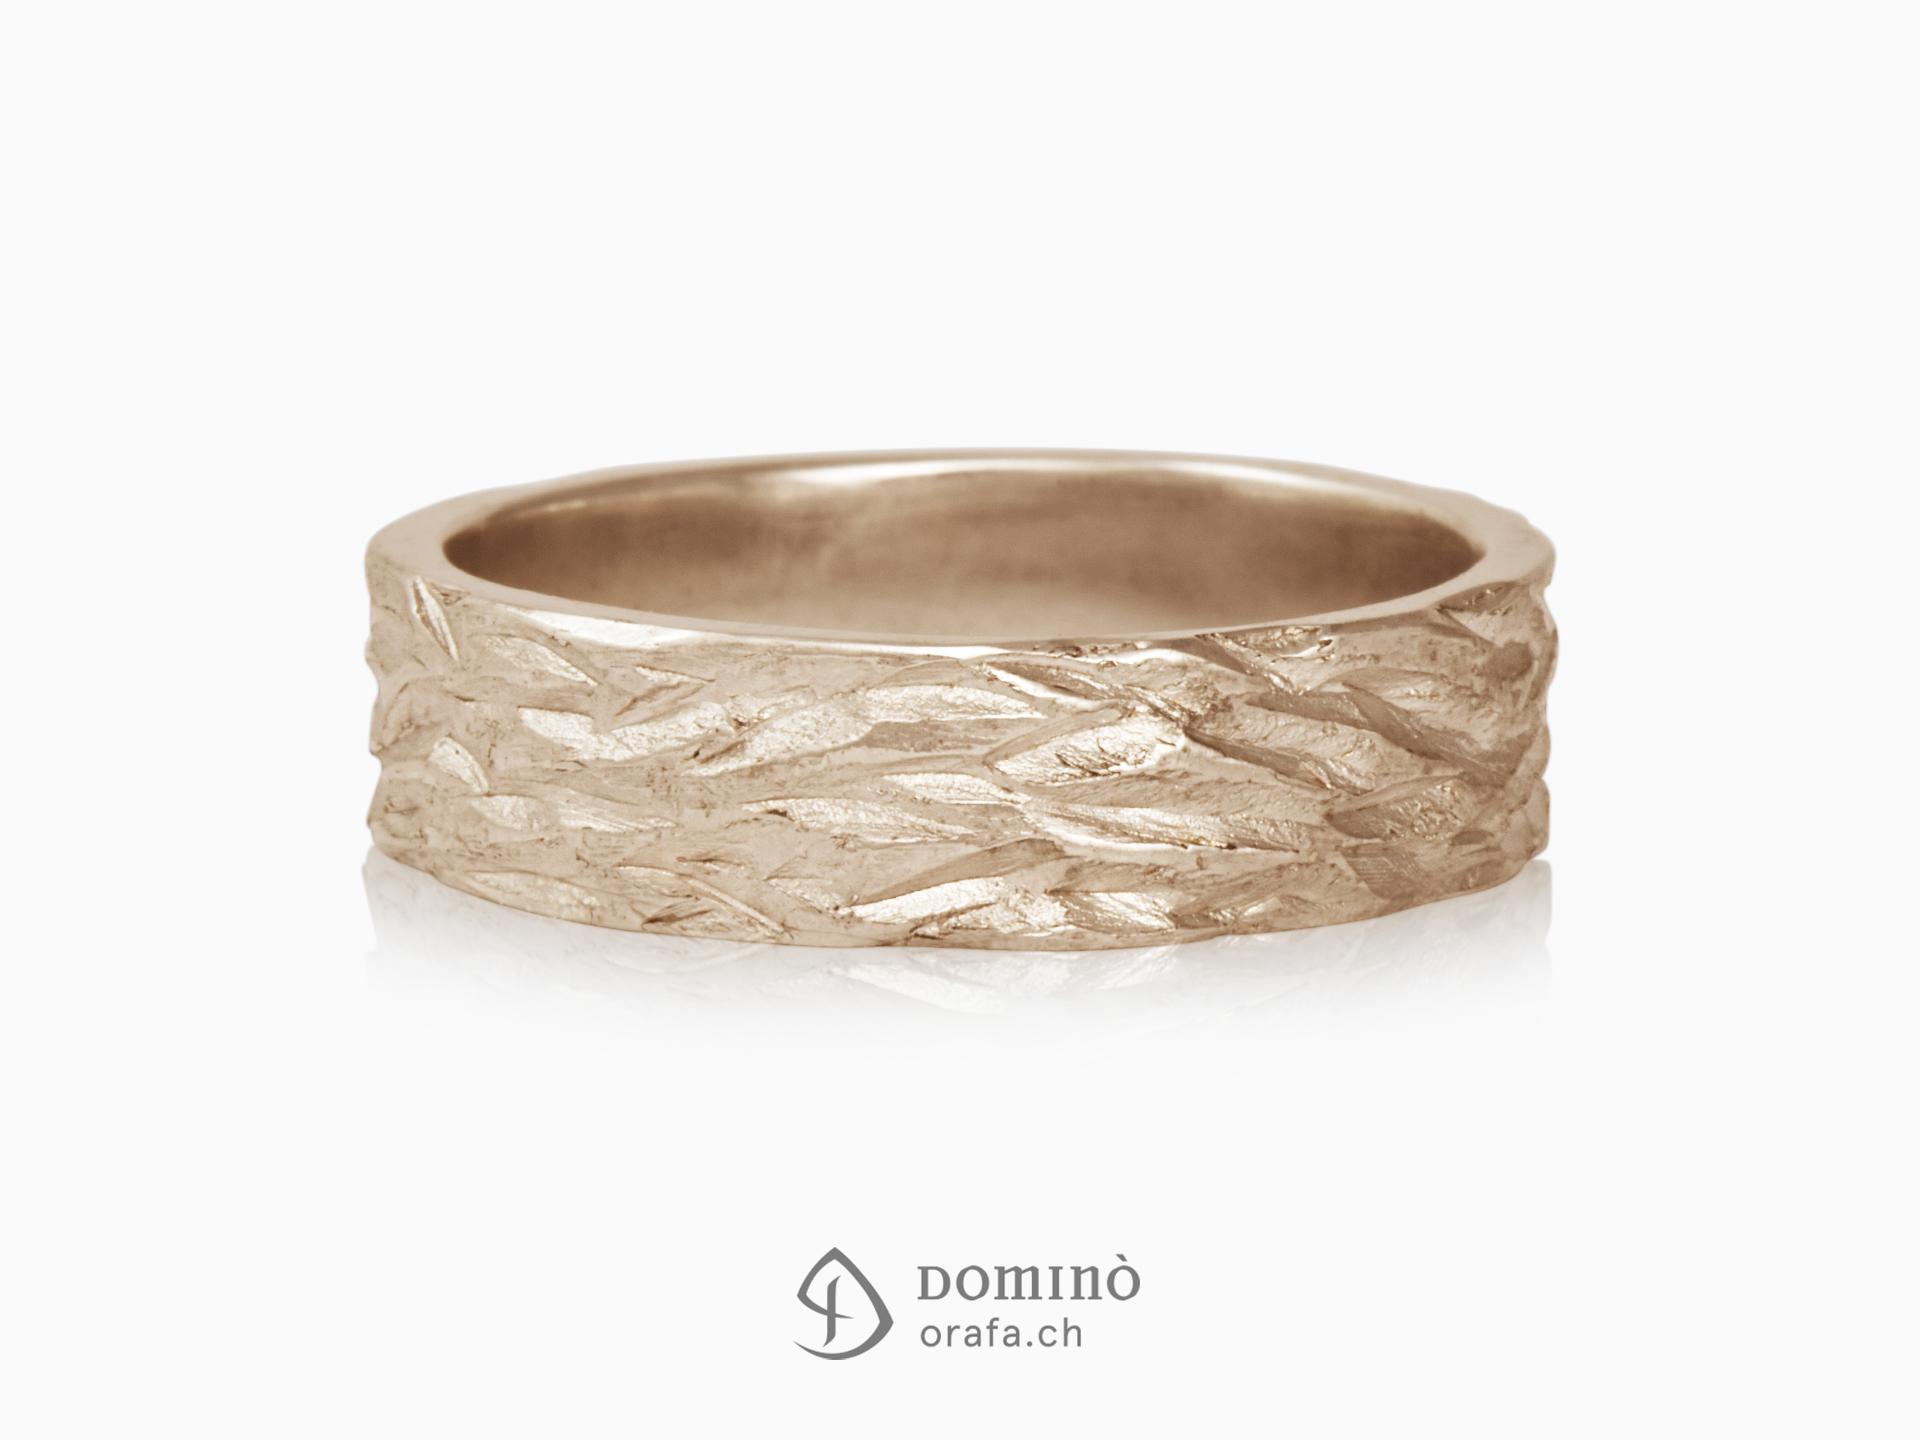 Frecce ring